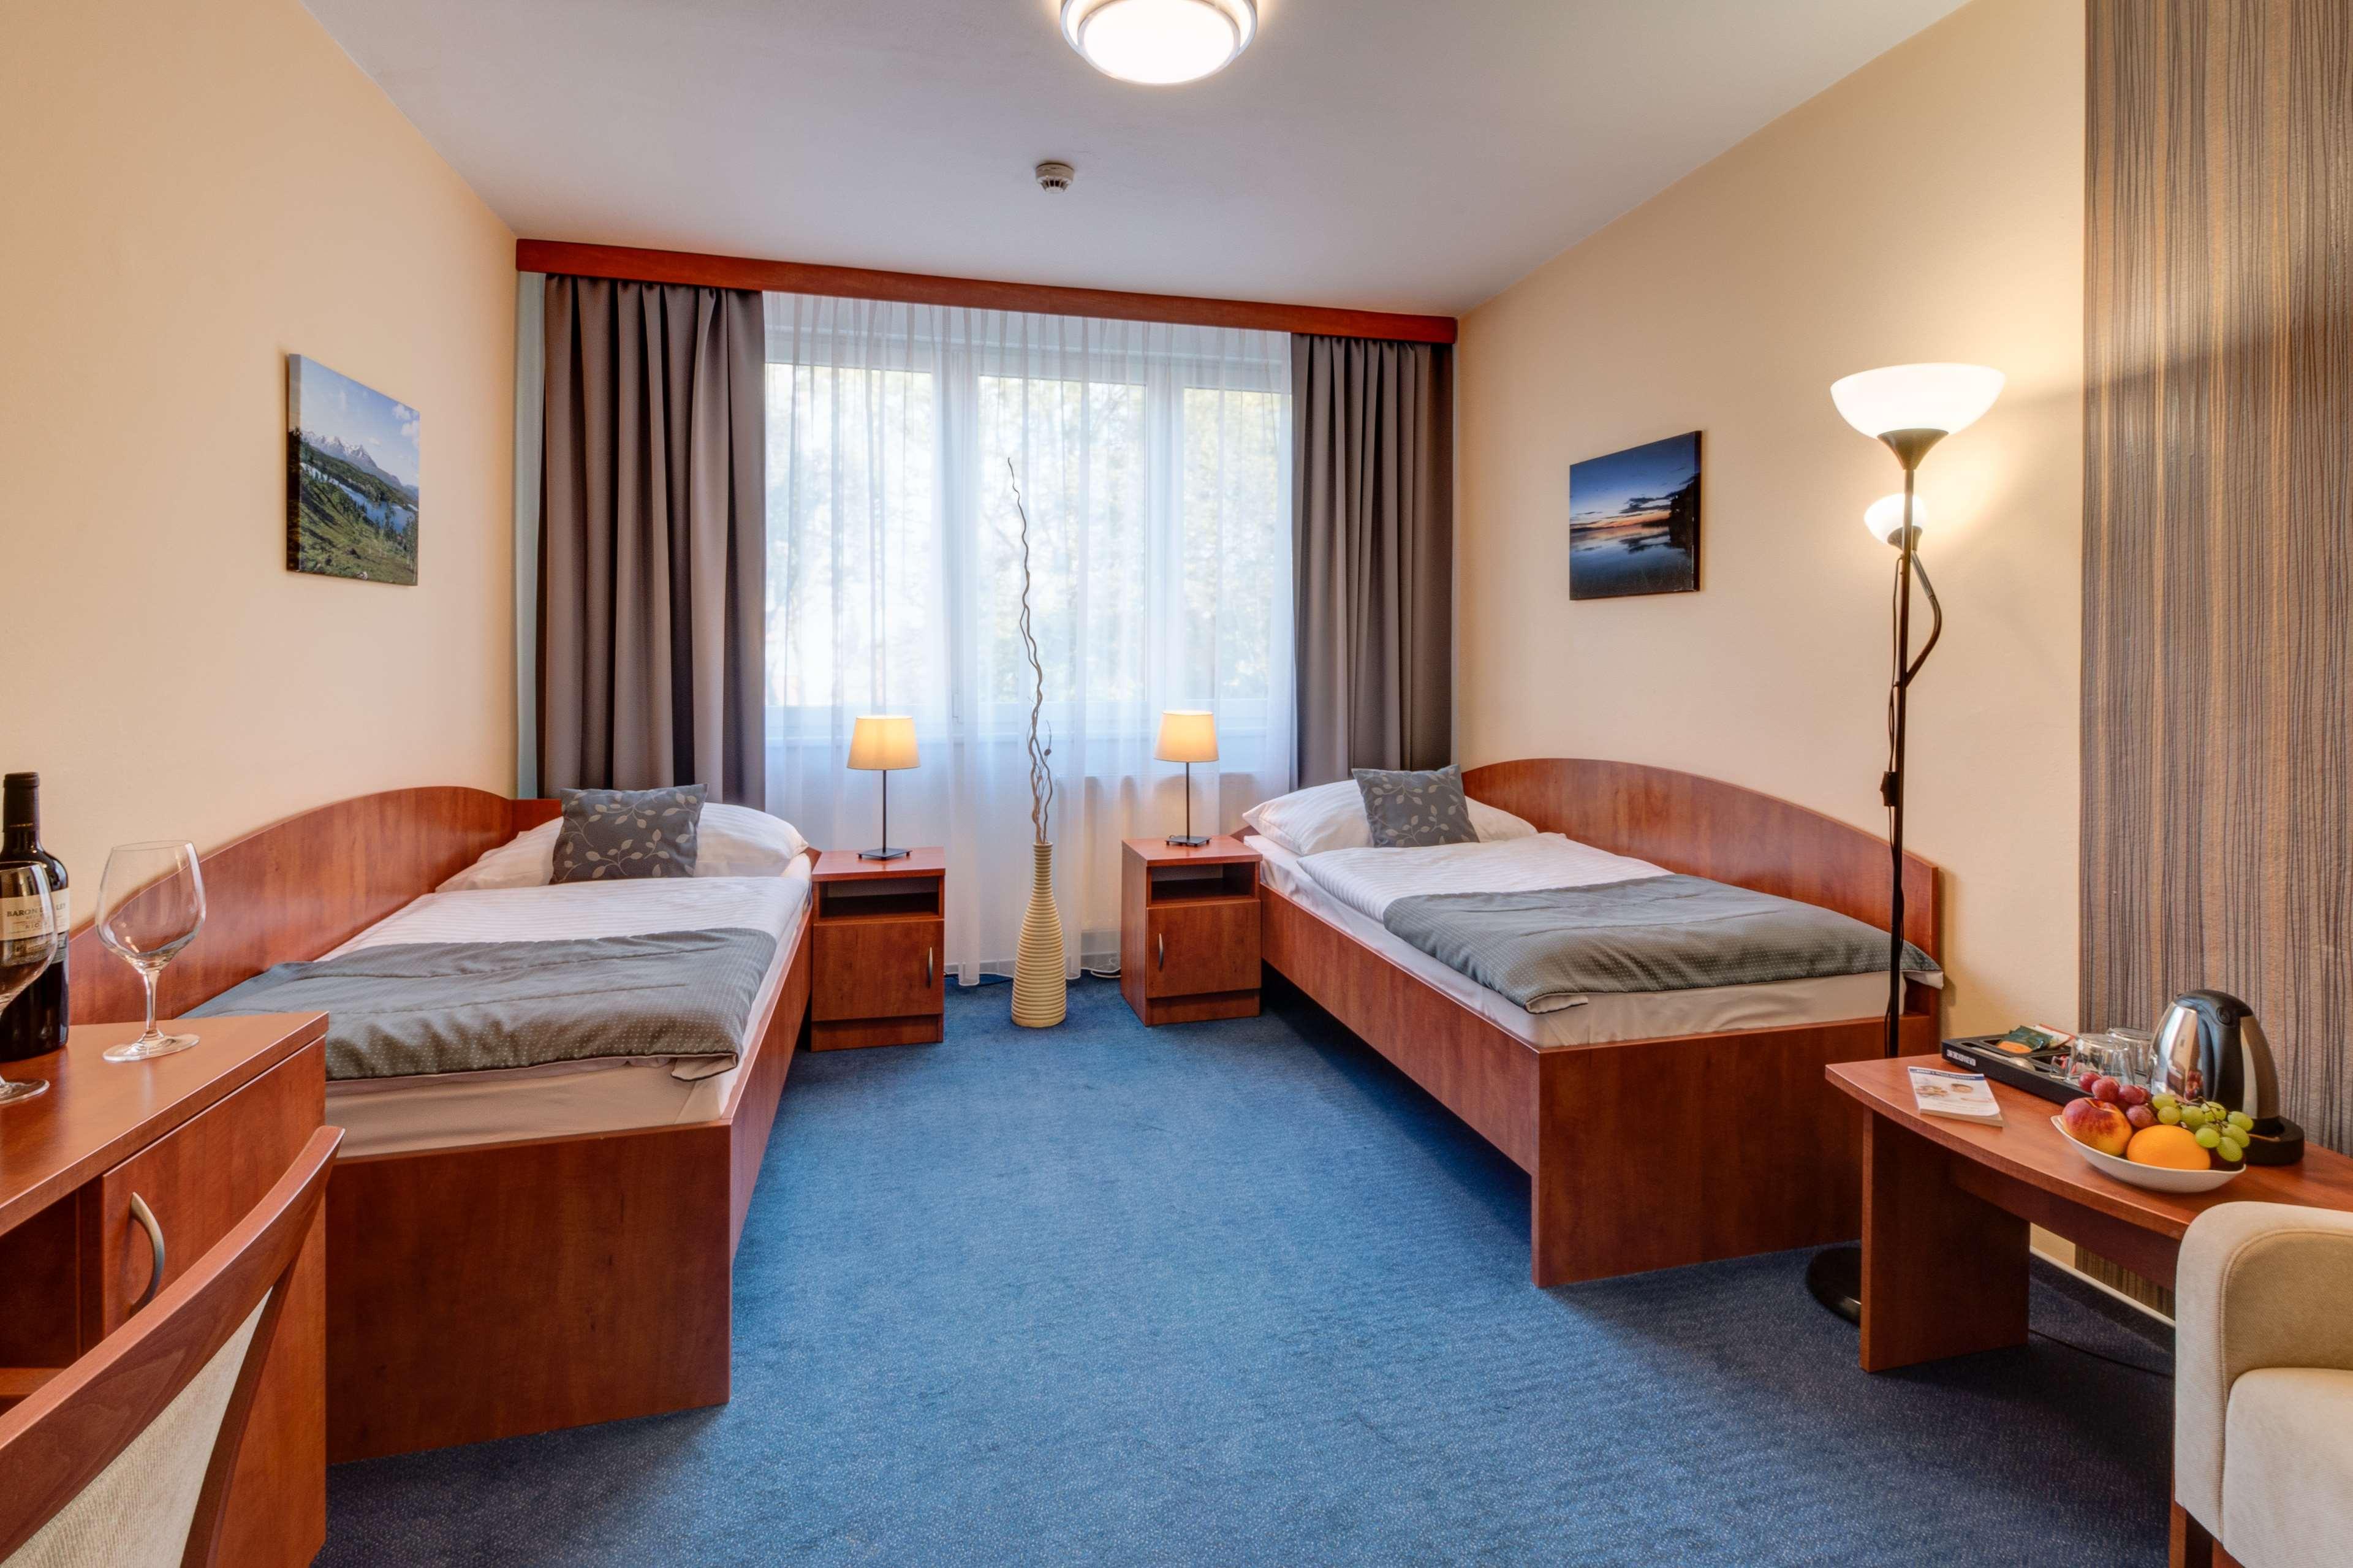 Best Western Hotel Vista